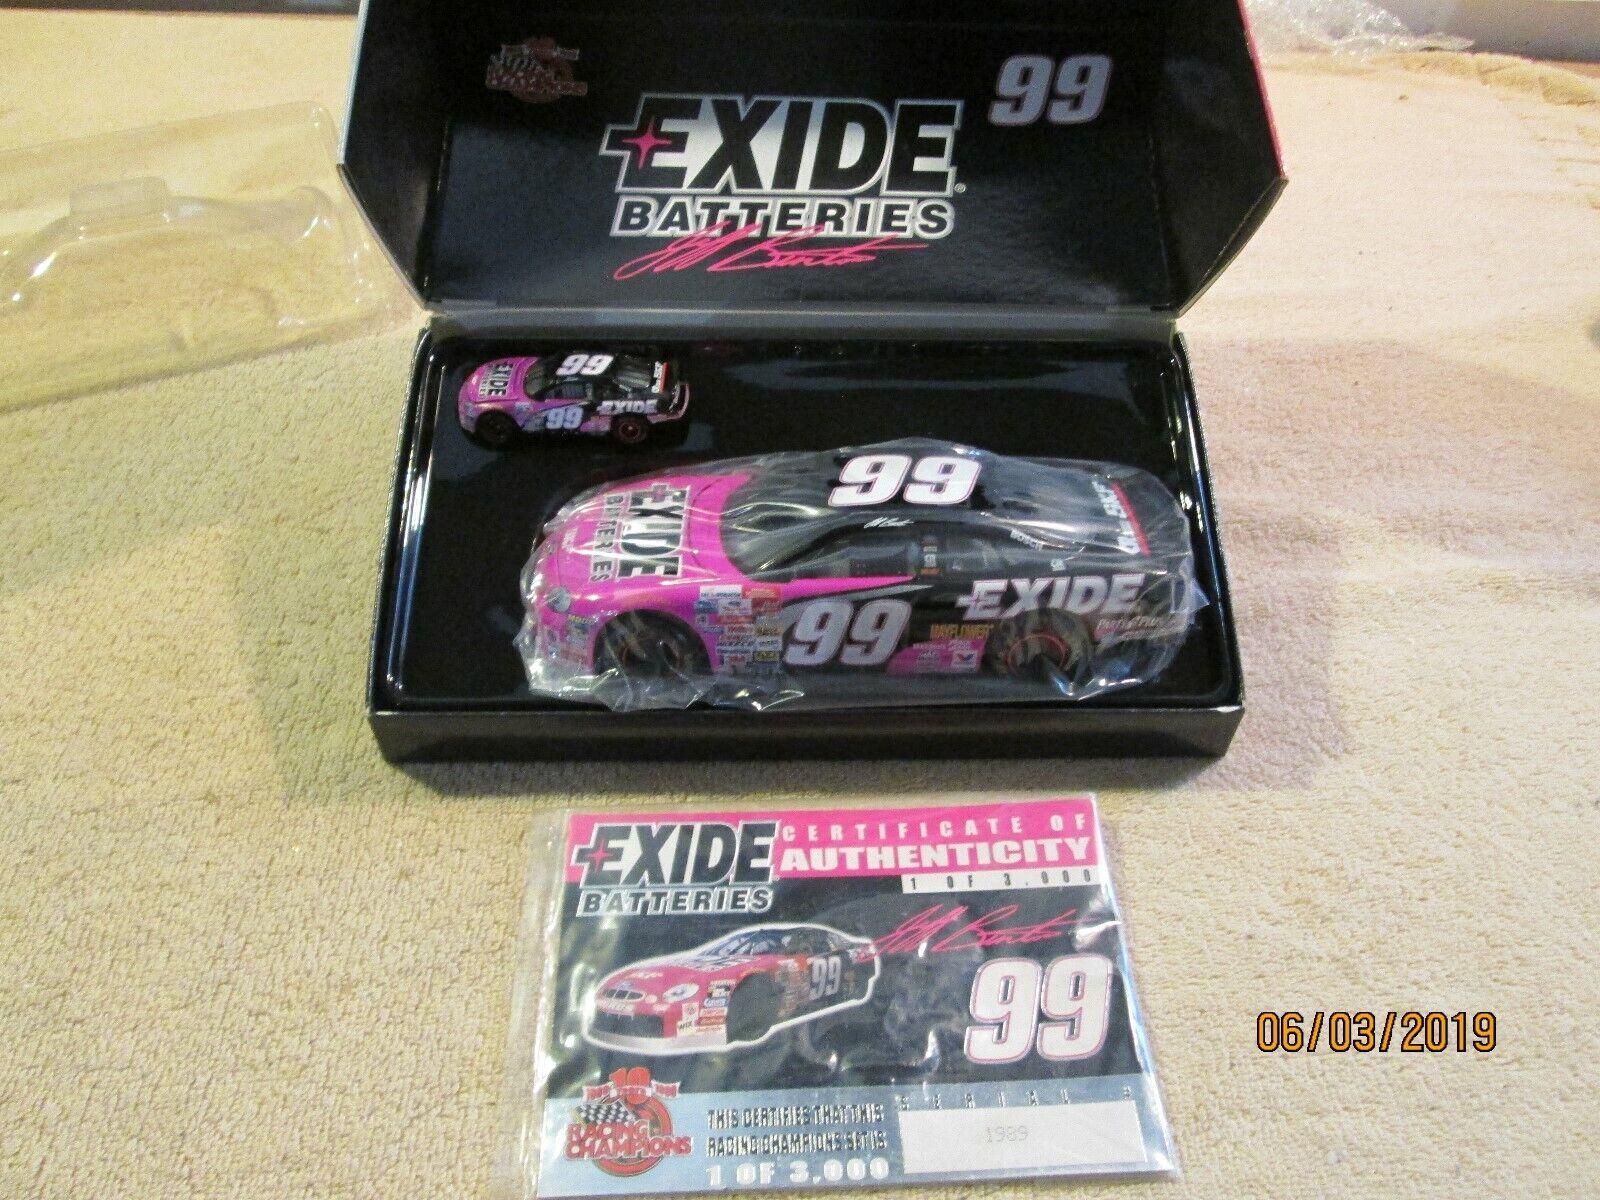 Racing Champions 1 24 Edición Limitada 1 de 3000 Exide Baterías Jeff Burton